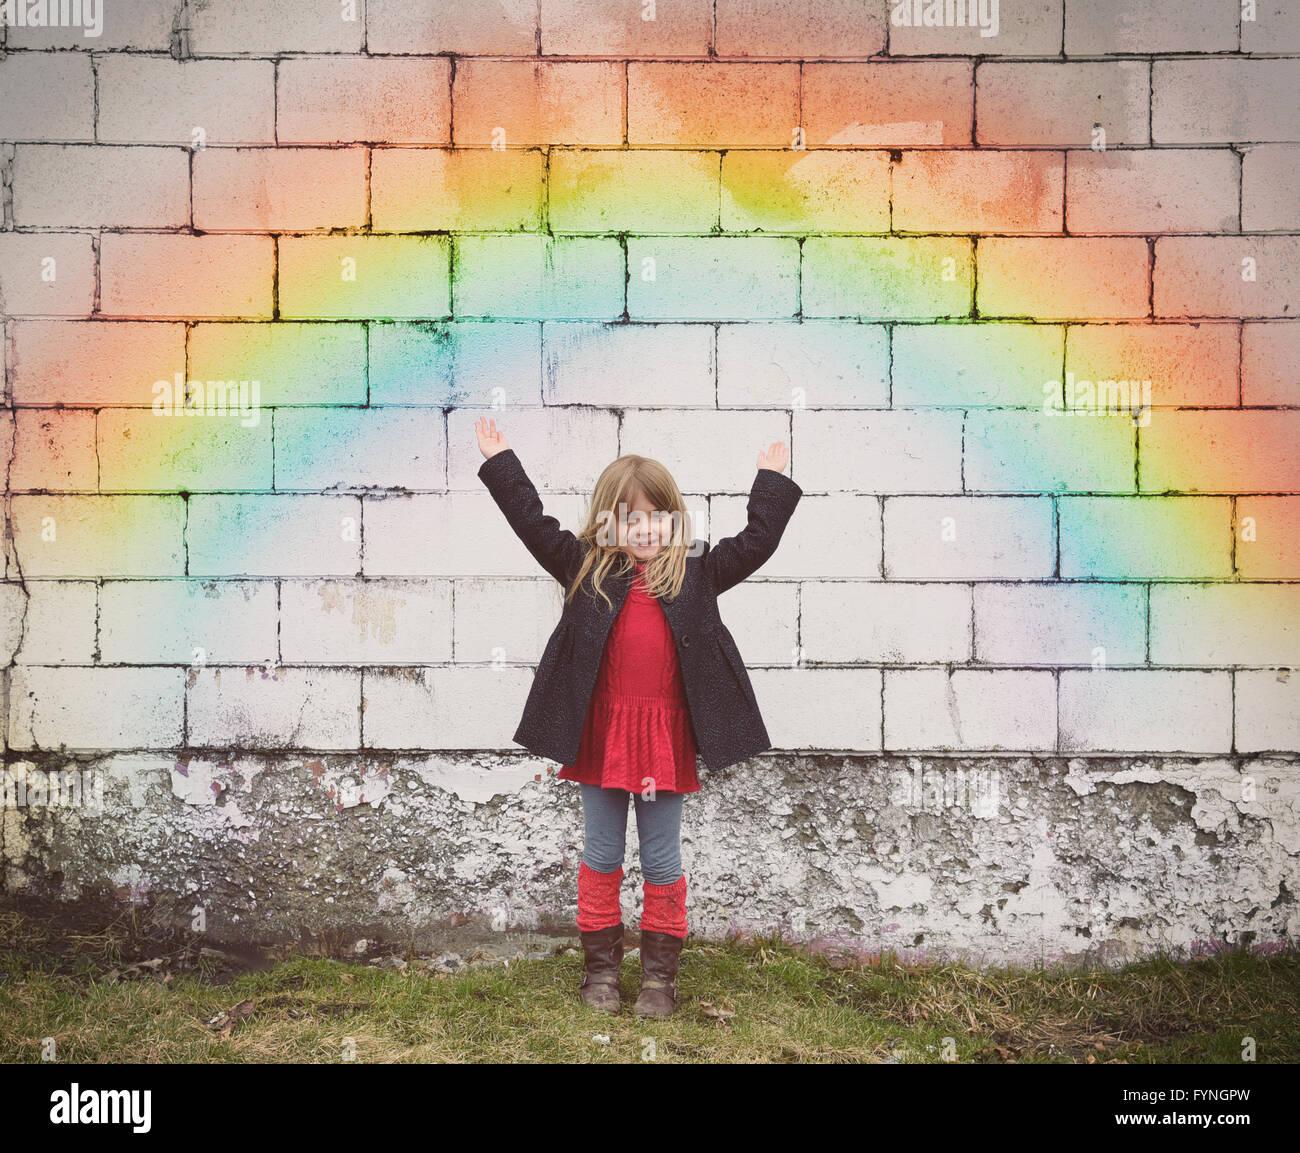 Una niña feliz está de pie contra una pared de ladrillo antiguo con un arco iris de colores y sus manos Imagen De Stock